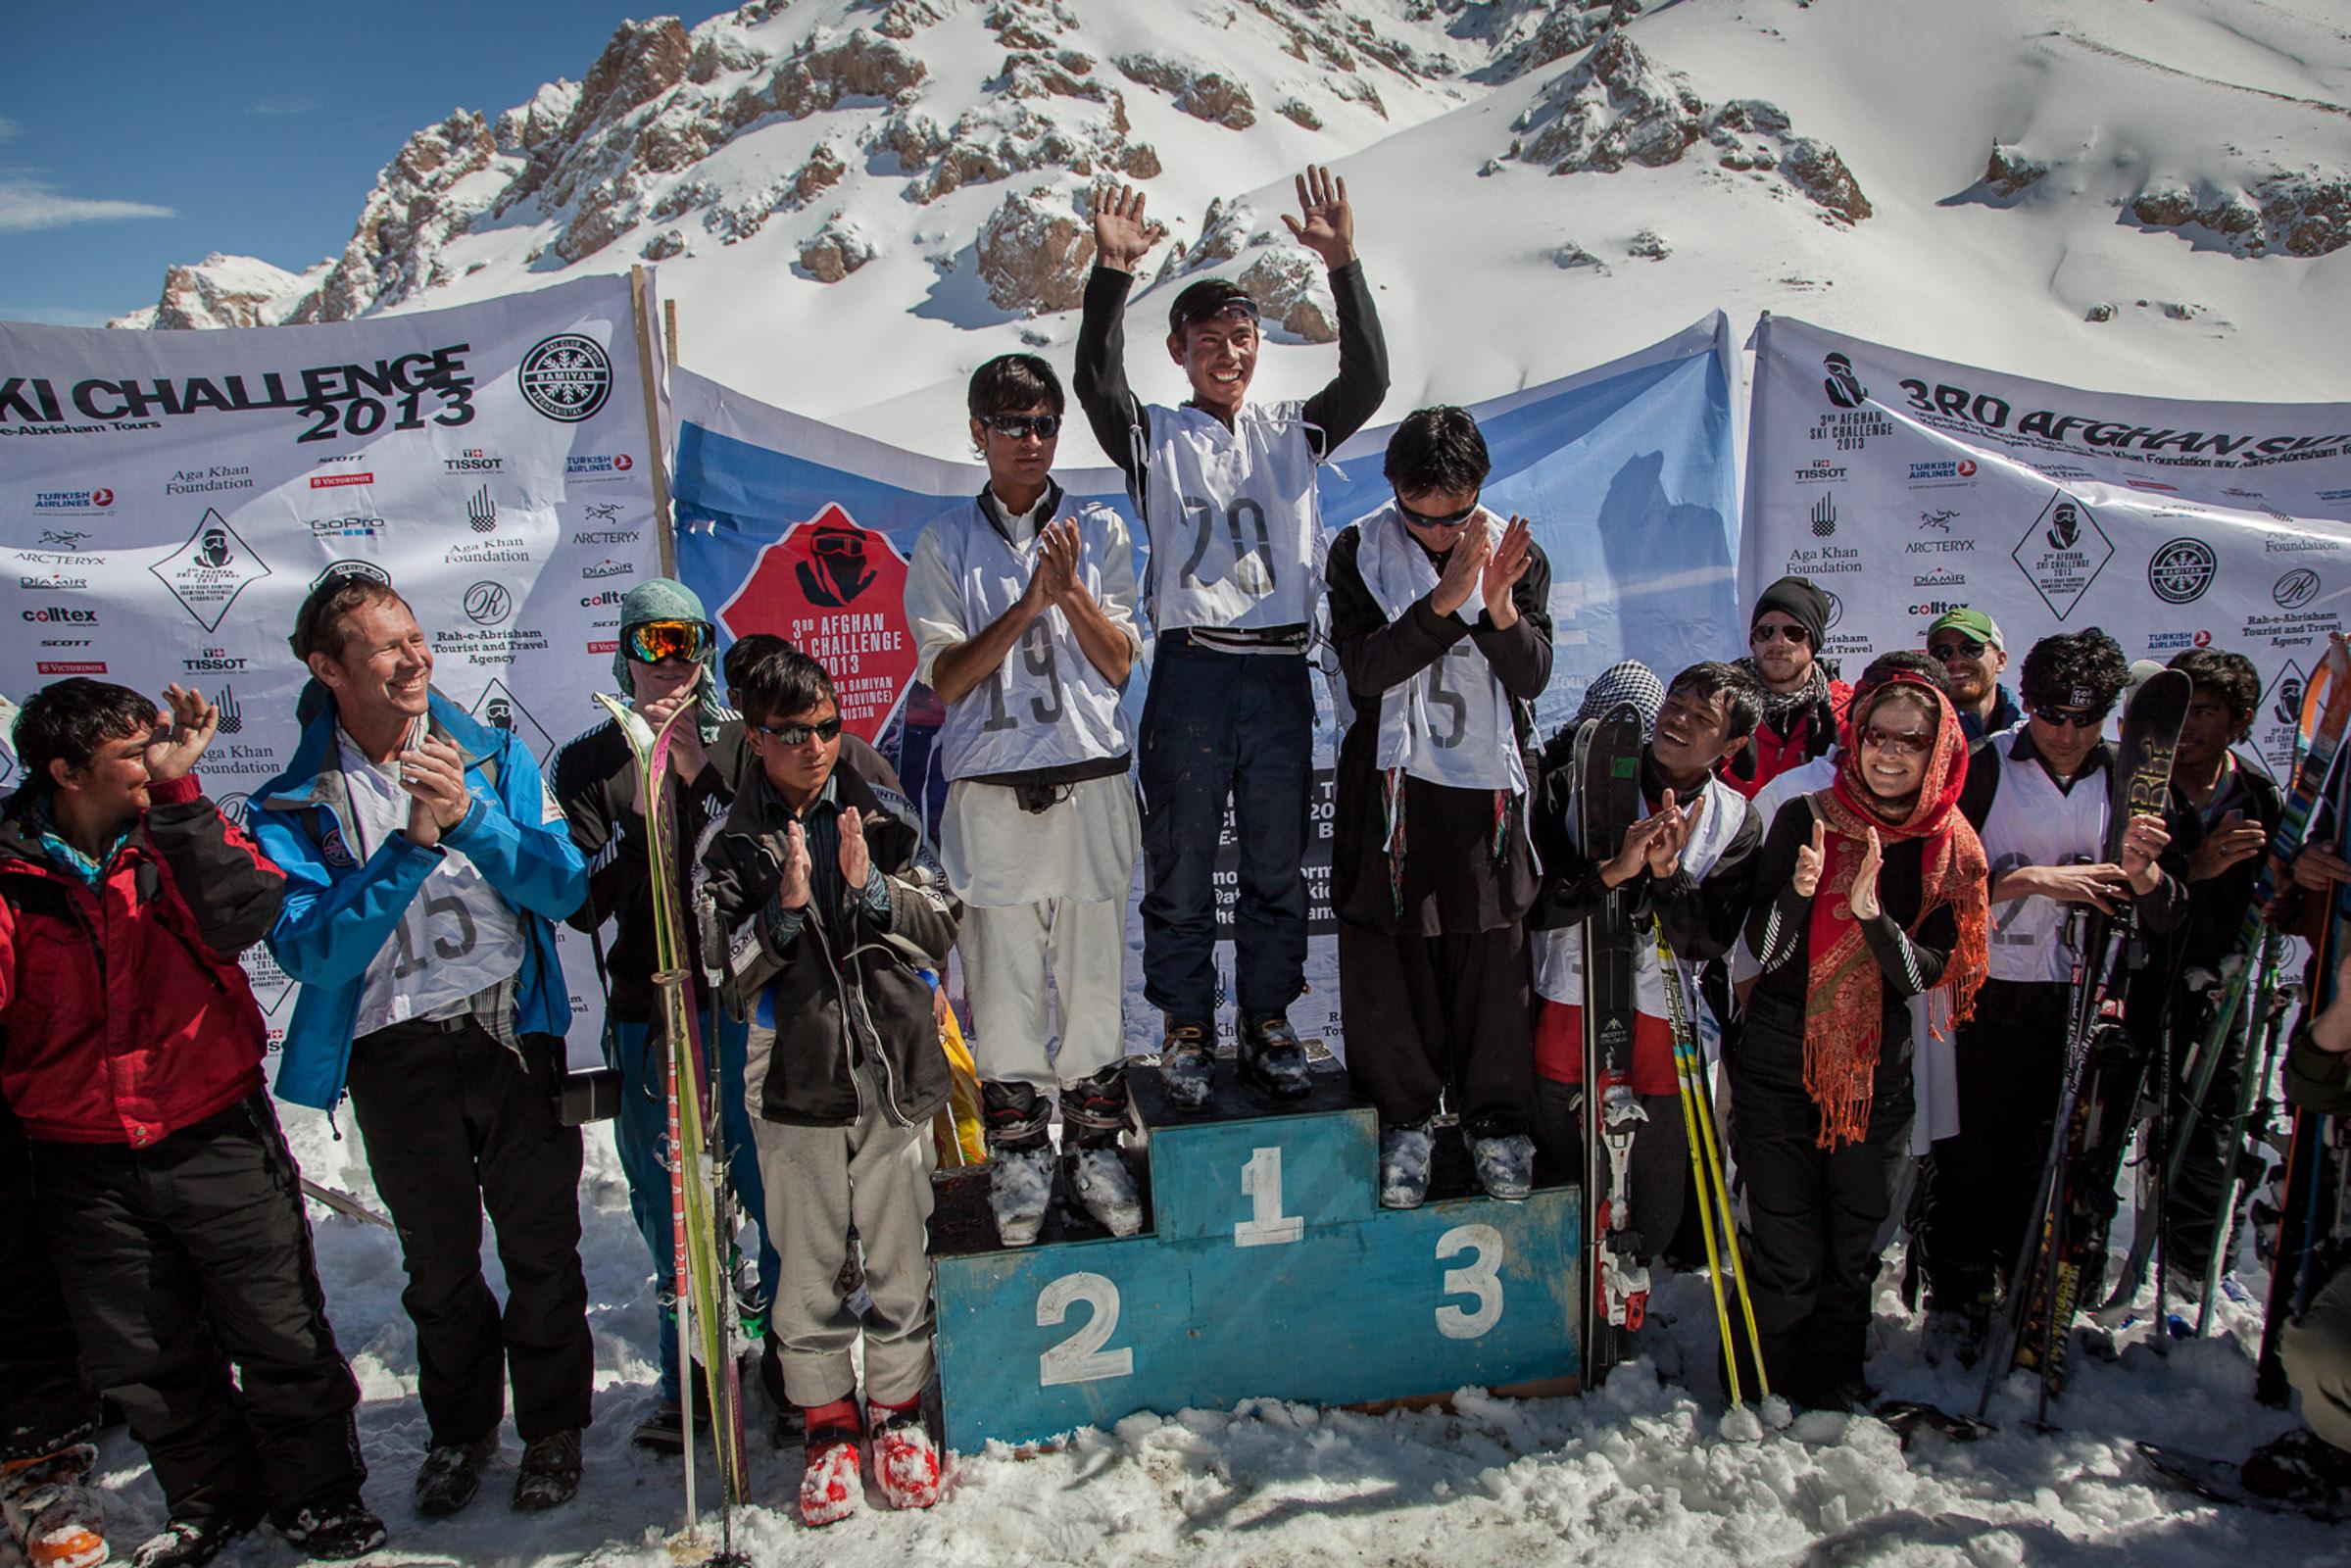 koh-e-Baba, province de Bamiyan, le 1er Mars 2013. Trois afghans sur le podium pour la troisième édition de l'afghan ski challenge. Les participants afghans sont meilleurs en montée qu'en descente et se sont entrainés toute l'année pour battre les skieurs étrangers.  Koh-e-Baba, Bamiyan Province, March 1, 2013. Three Afghan on the podium for the third edition of the Afghan ski challenge. The Afghan participants are better uphill than downhill and have trained all year to beat the foreign skiers.